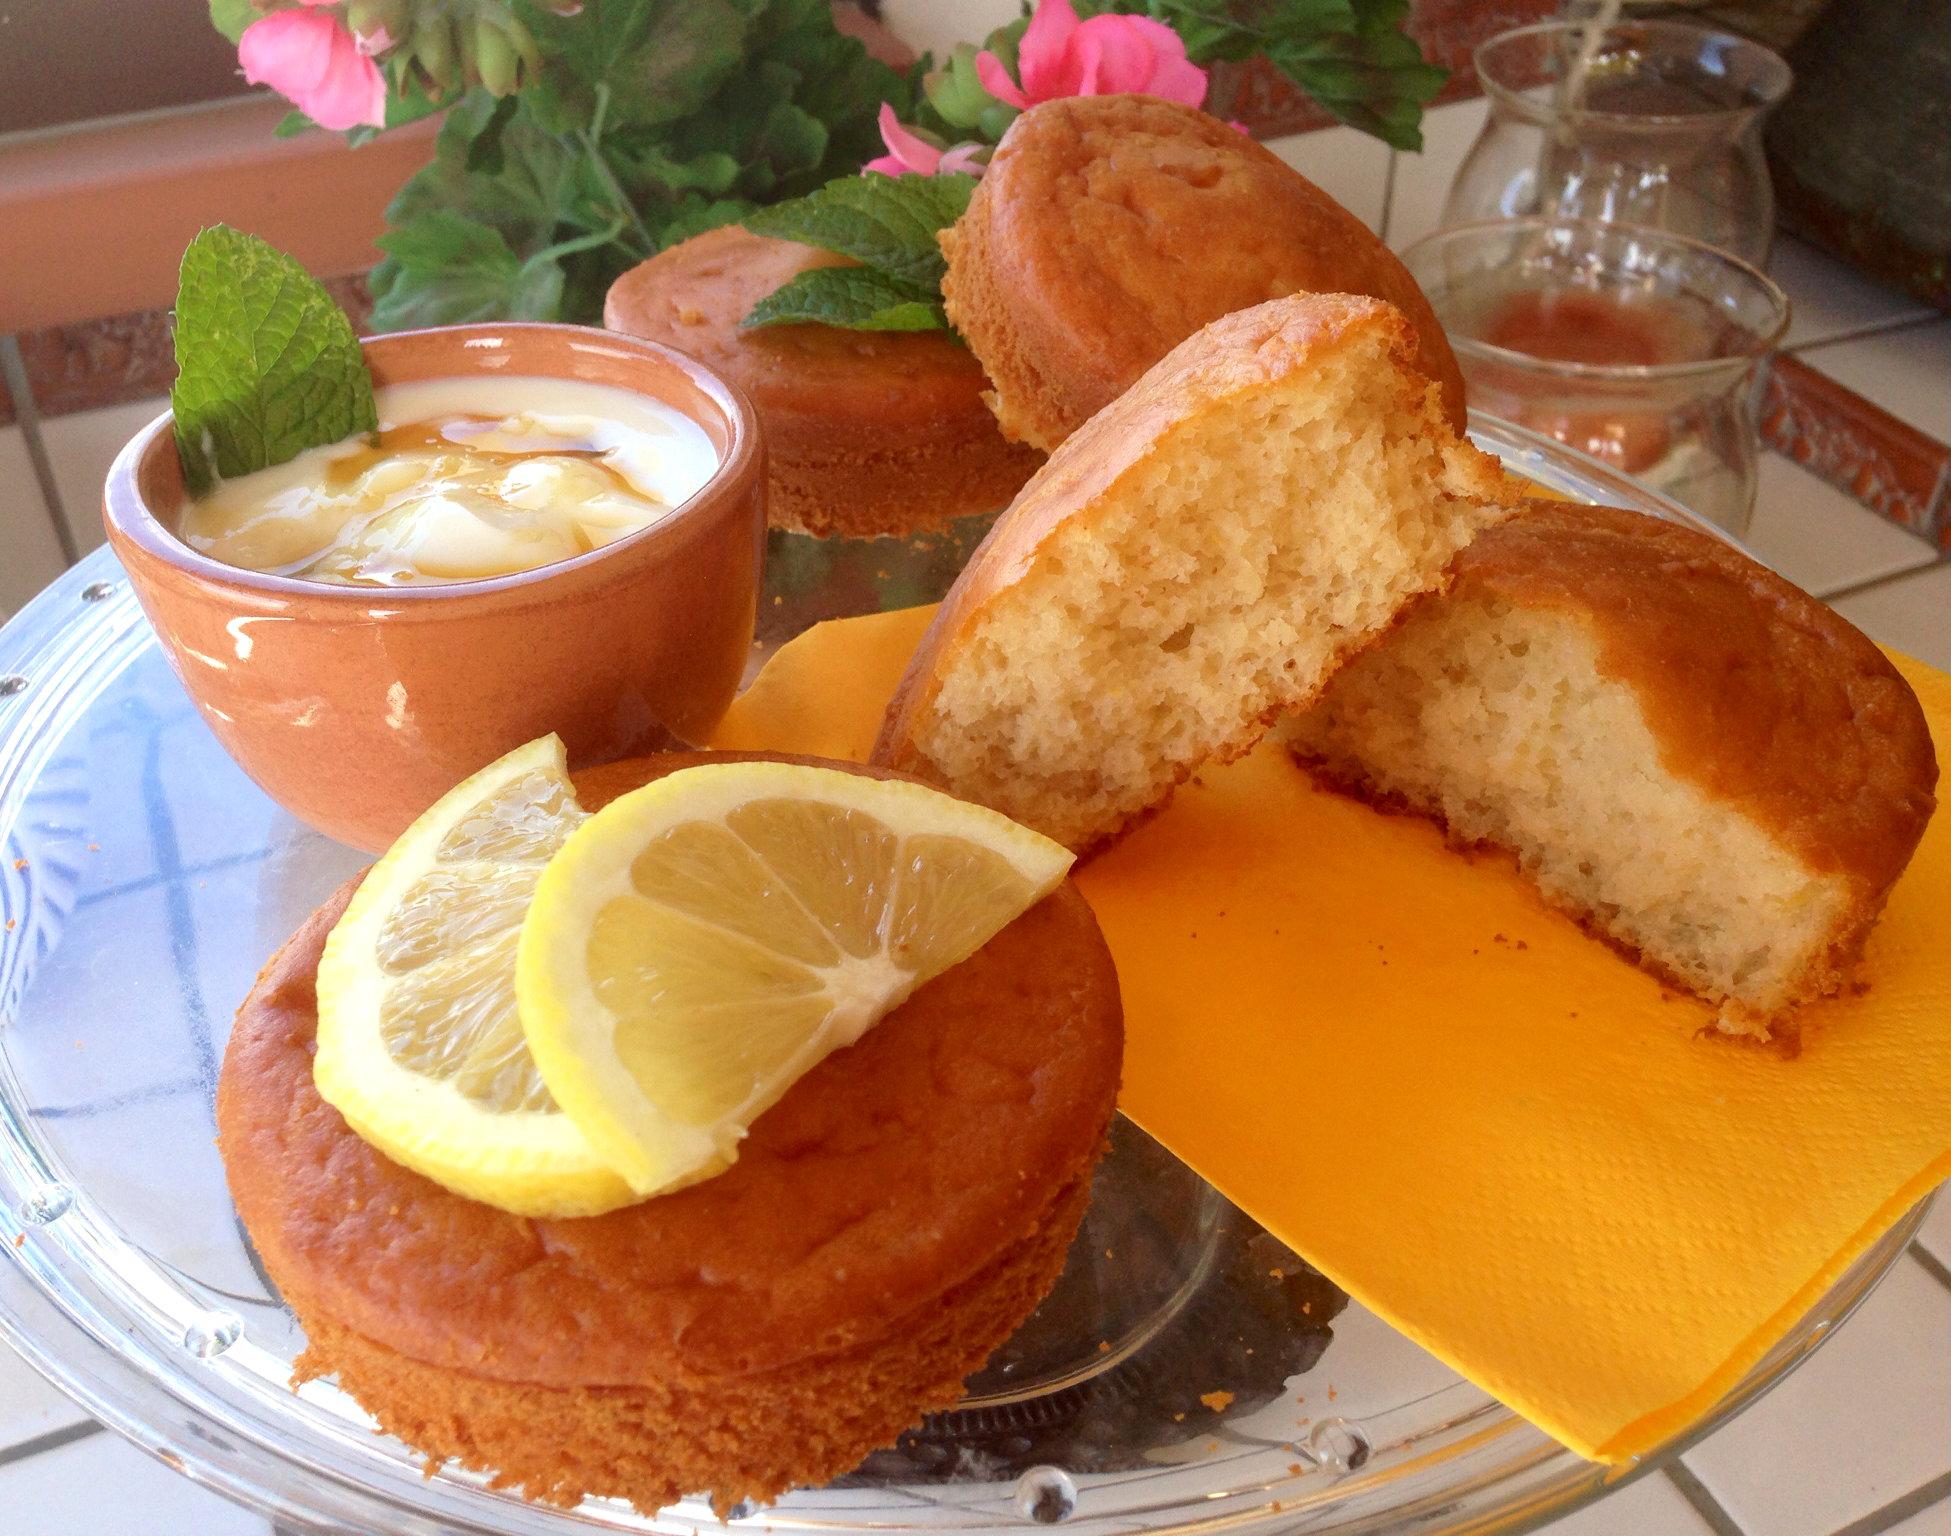 Mini Cake al Limone Senza Burro un dolce soffice senza lattosio di dolci senza burro